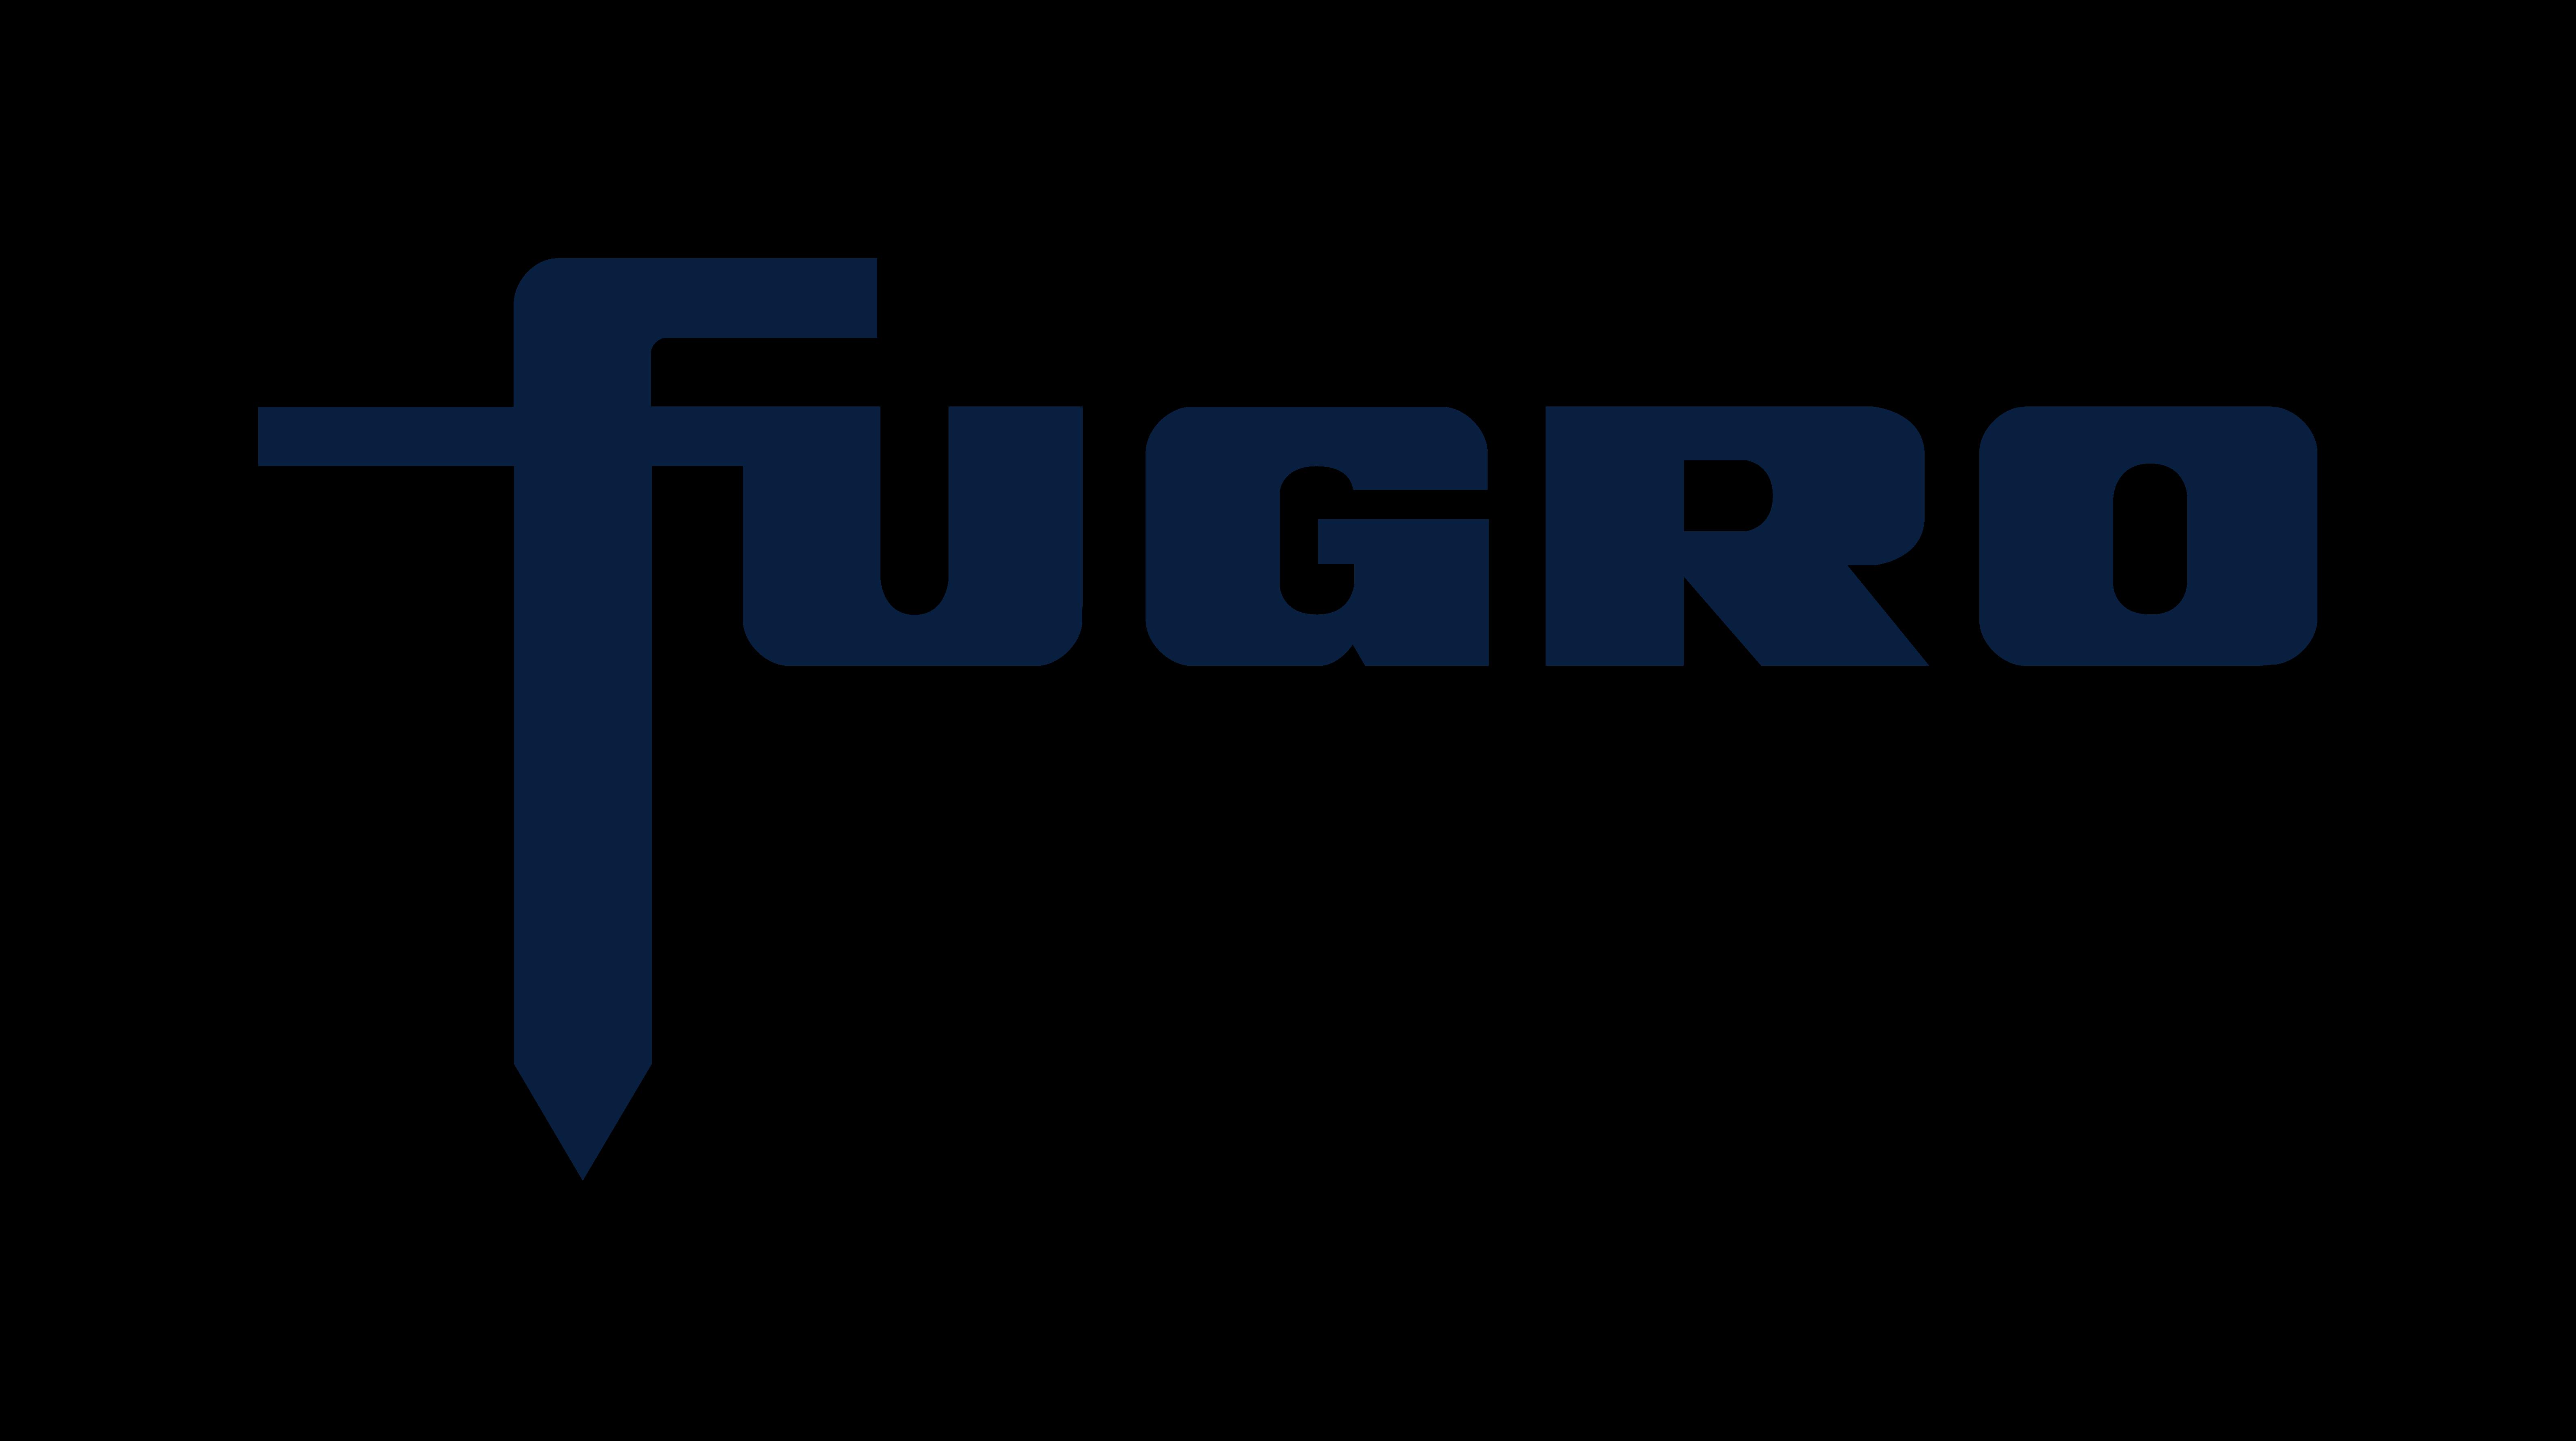 Логотип Fugro